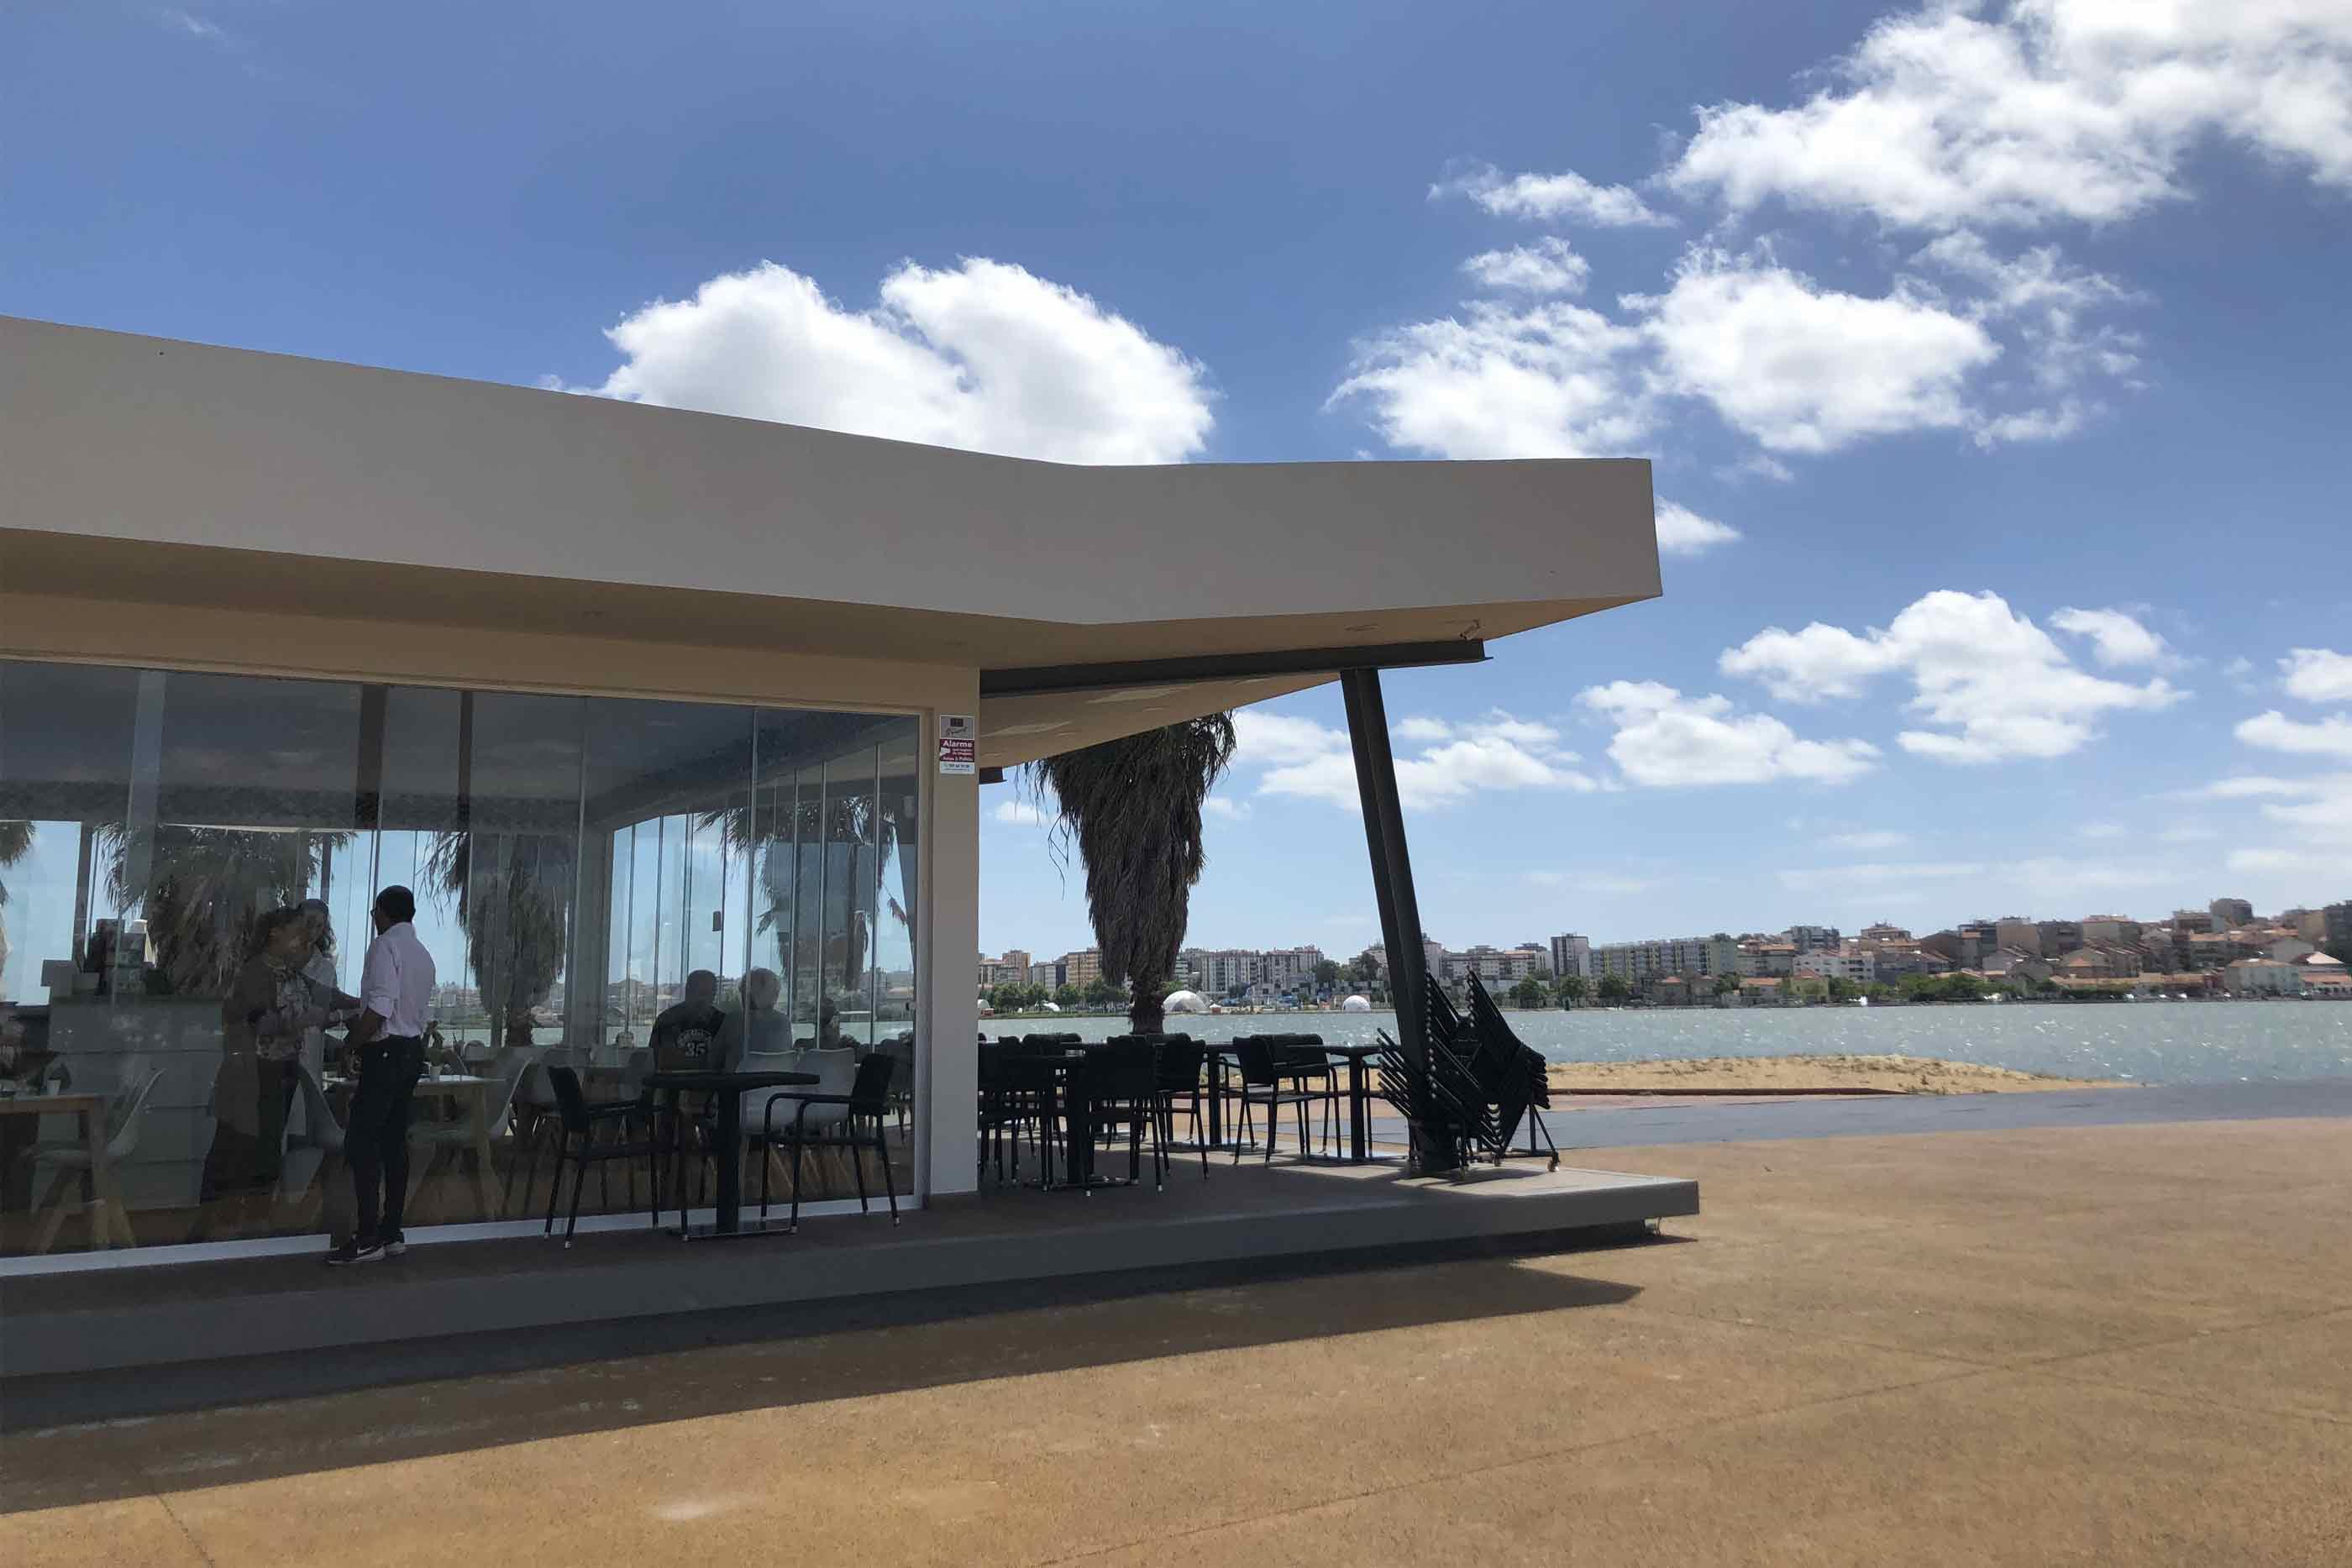 Café com esplanada na baía do seixal num dia de sol